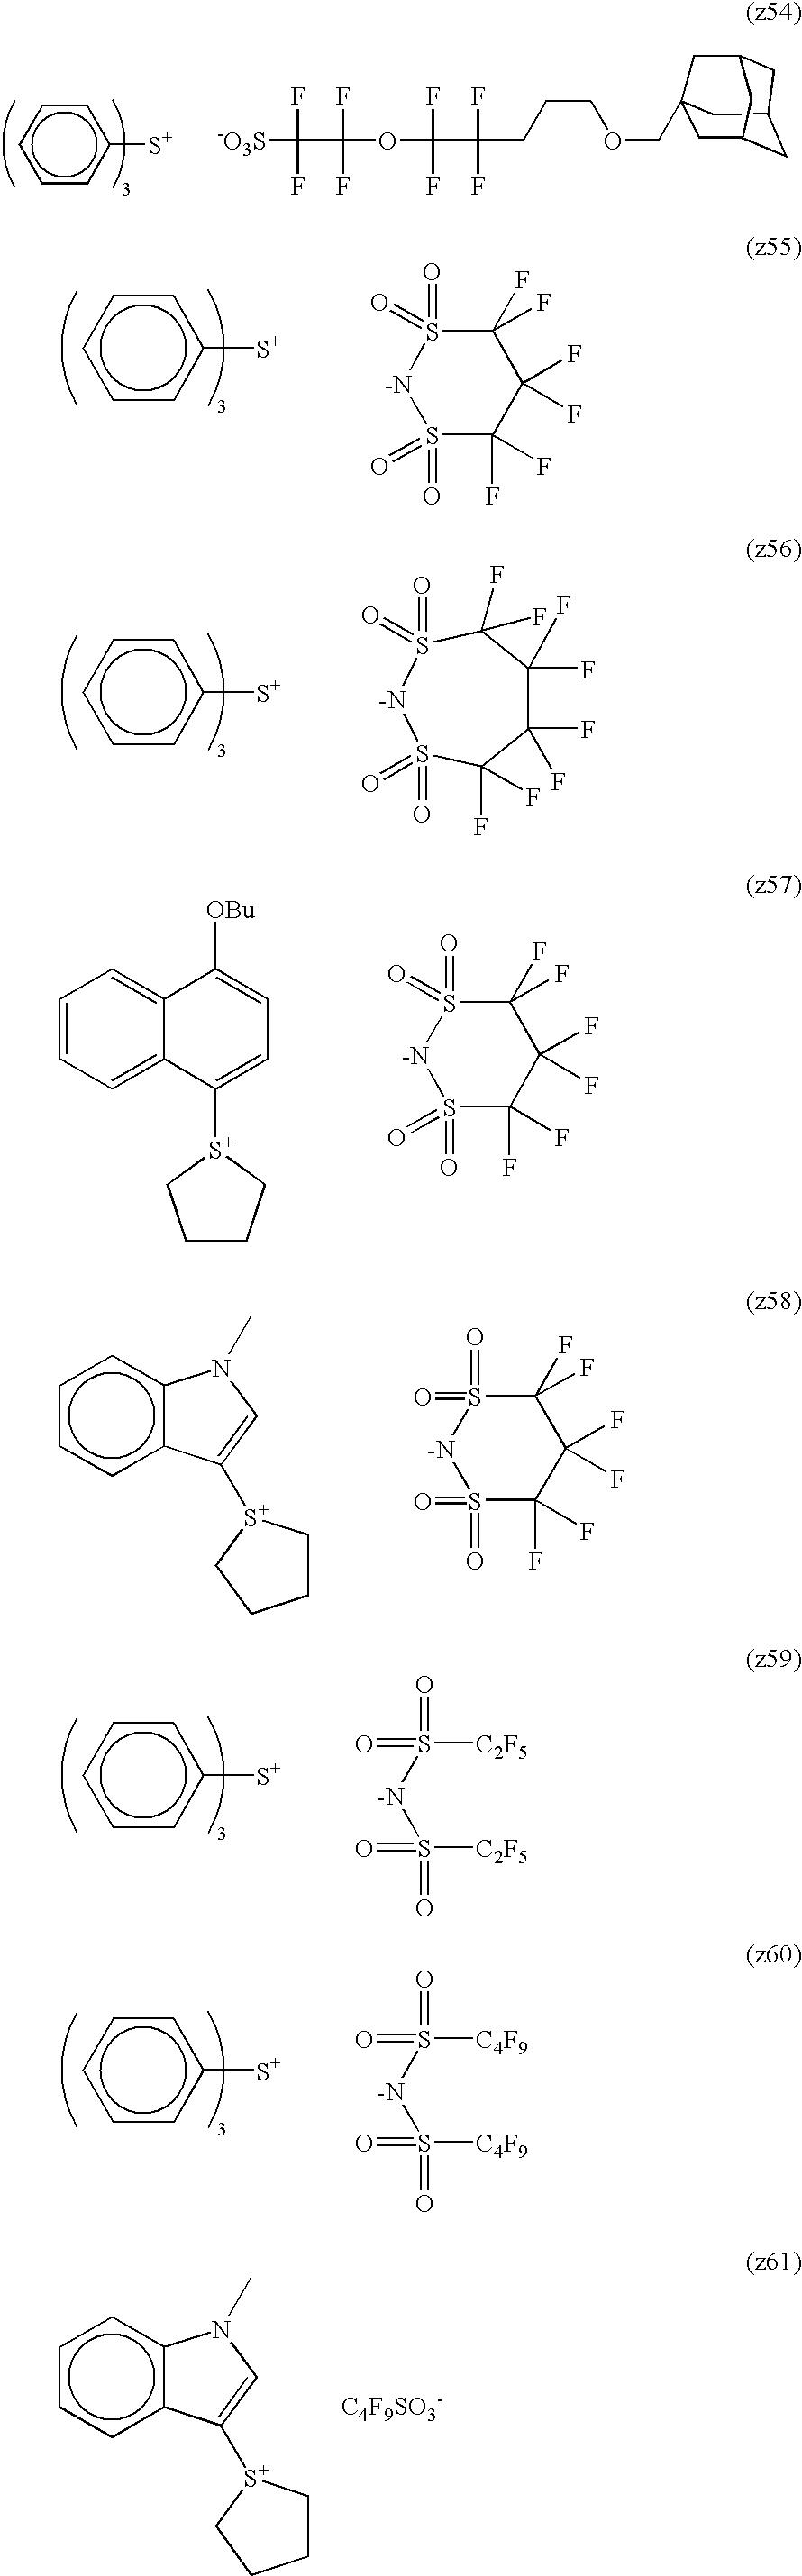 Figure US08852845-20141007-C00227